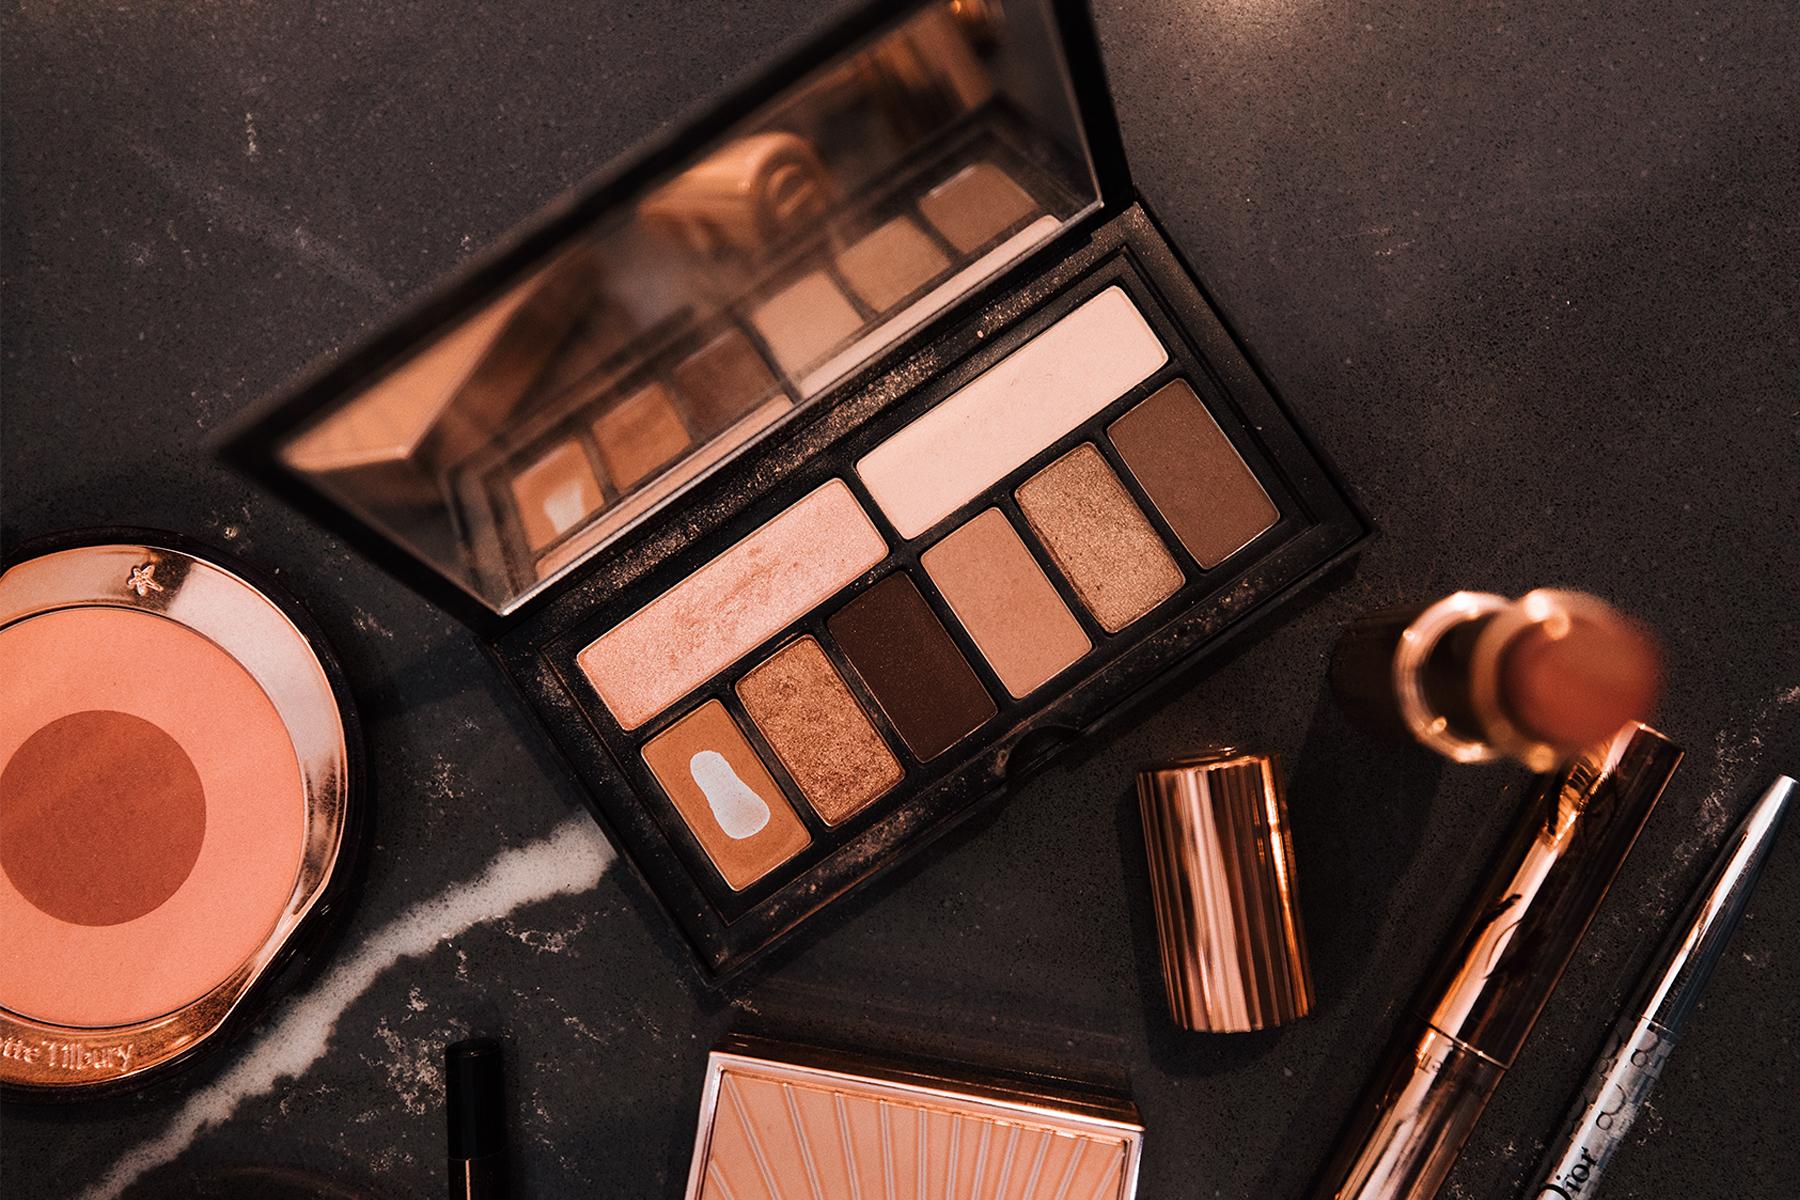 fashion jackson sephora holiday beauty event 2019 smashbox eyeshadow palette